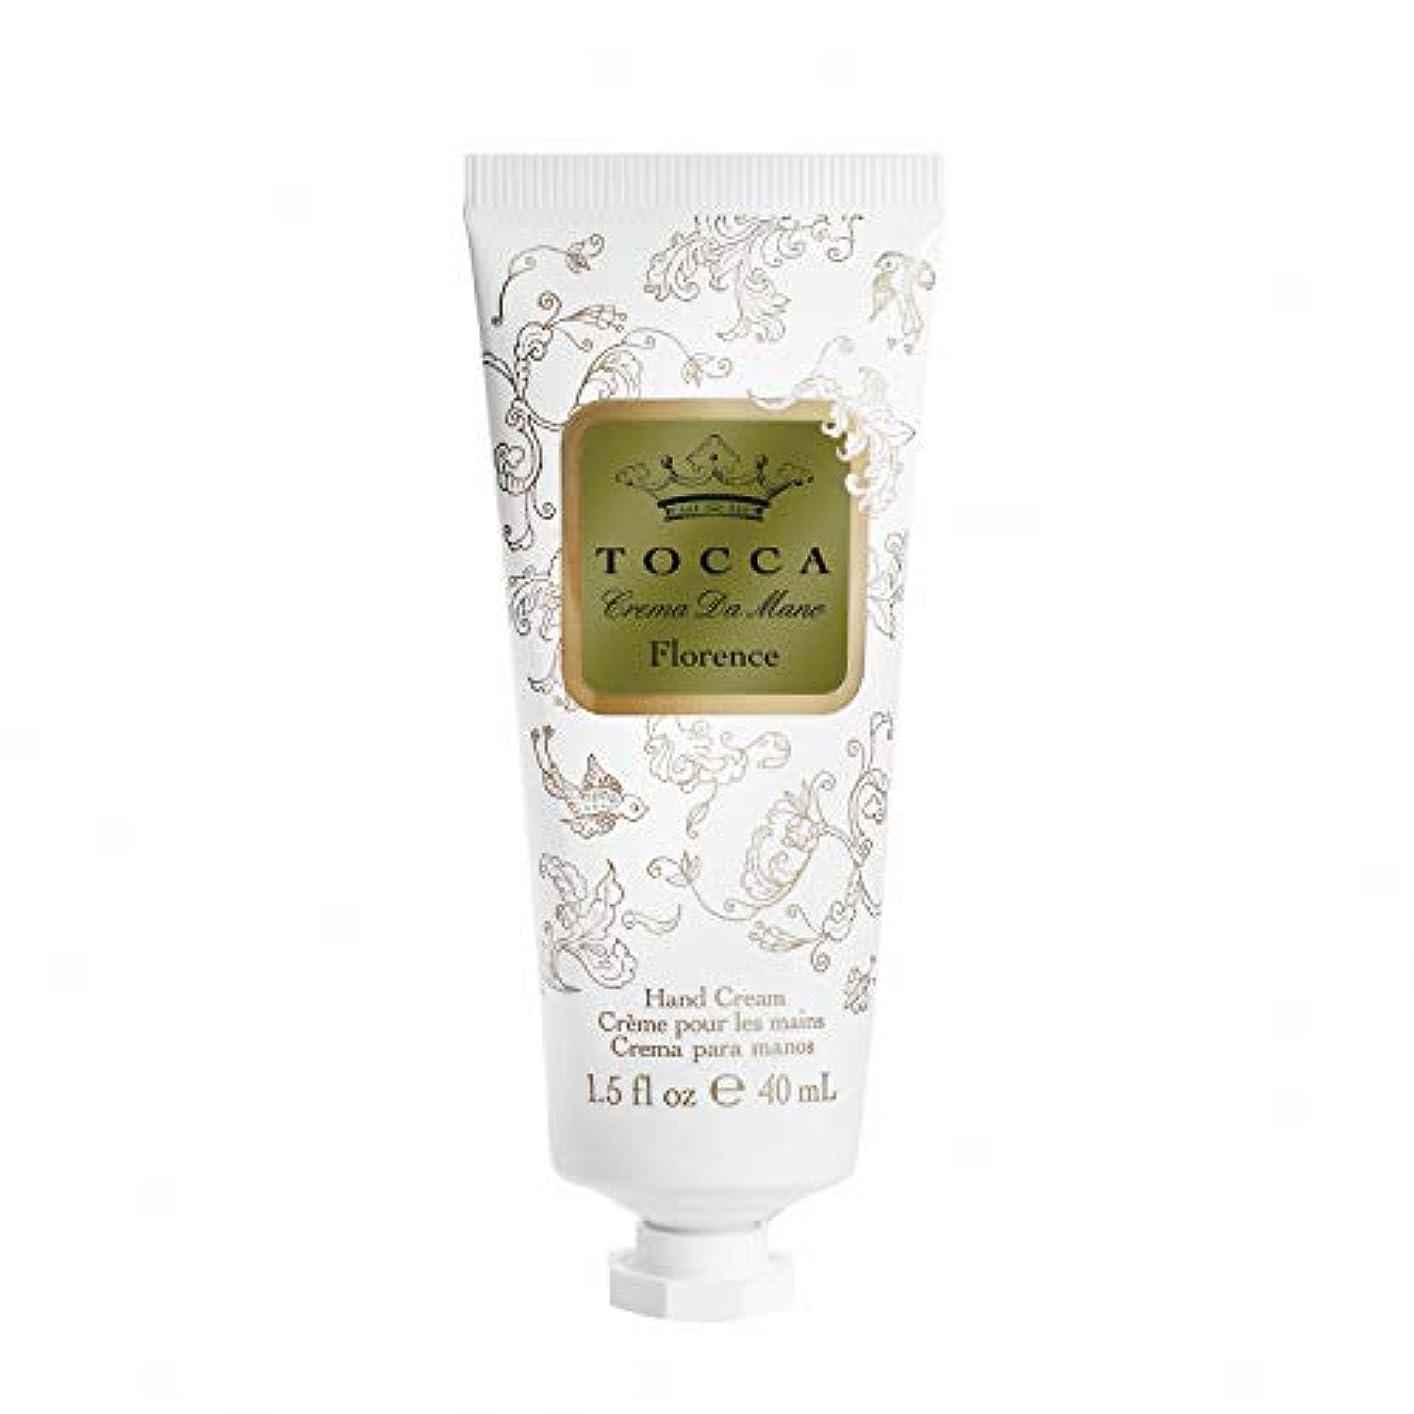 訴えるゲート混乱トッカ(TOCCA) ハンドクリーム フローレンスの香り 40mL (ガーデニアとベルガモットが誘うように溶け合うどこまでも上品なフローラルの香り)